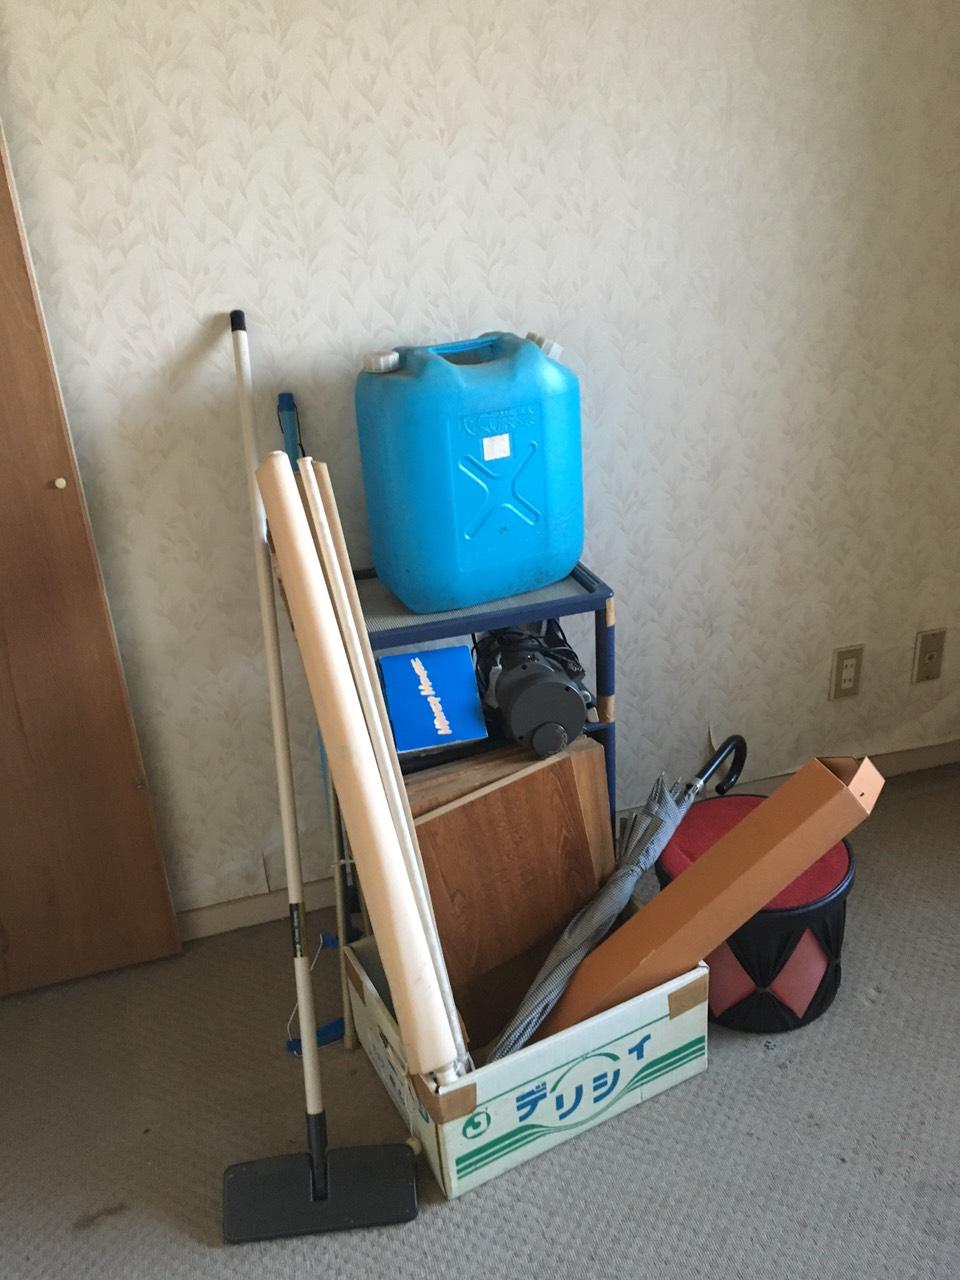 【愛知県名古屋市名東区】ポリタンクなどの不要品回収